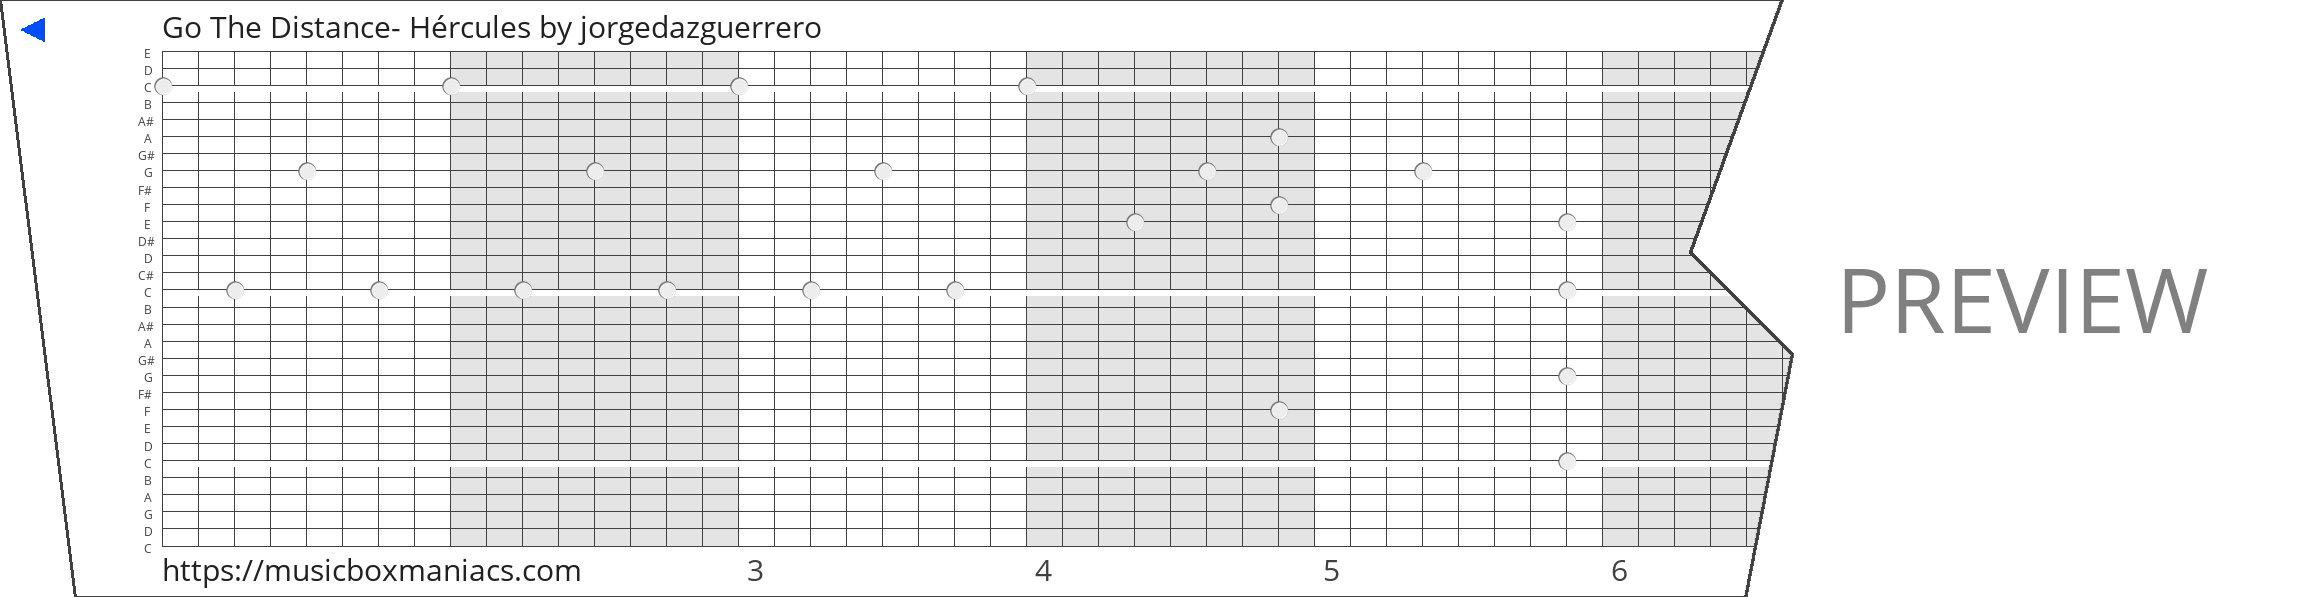 Go The Distance- Hércules 30 note music box paper strip